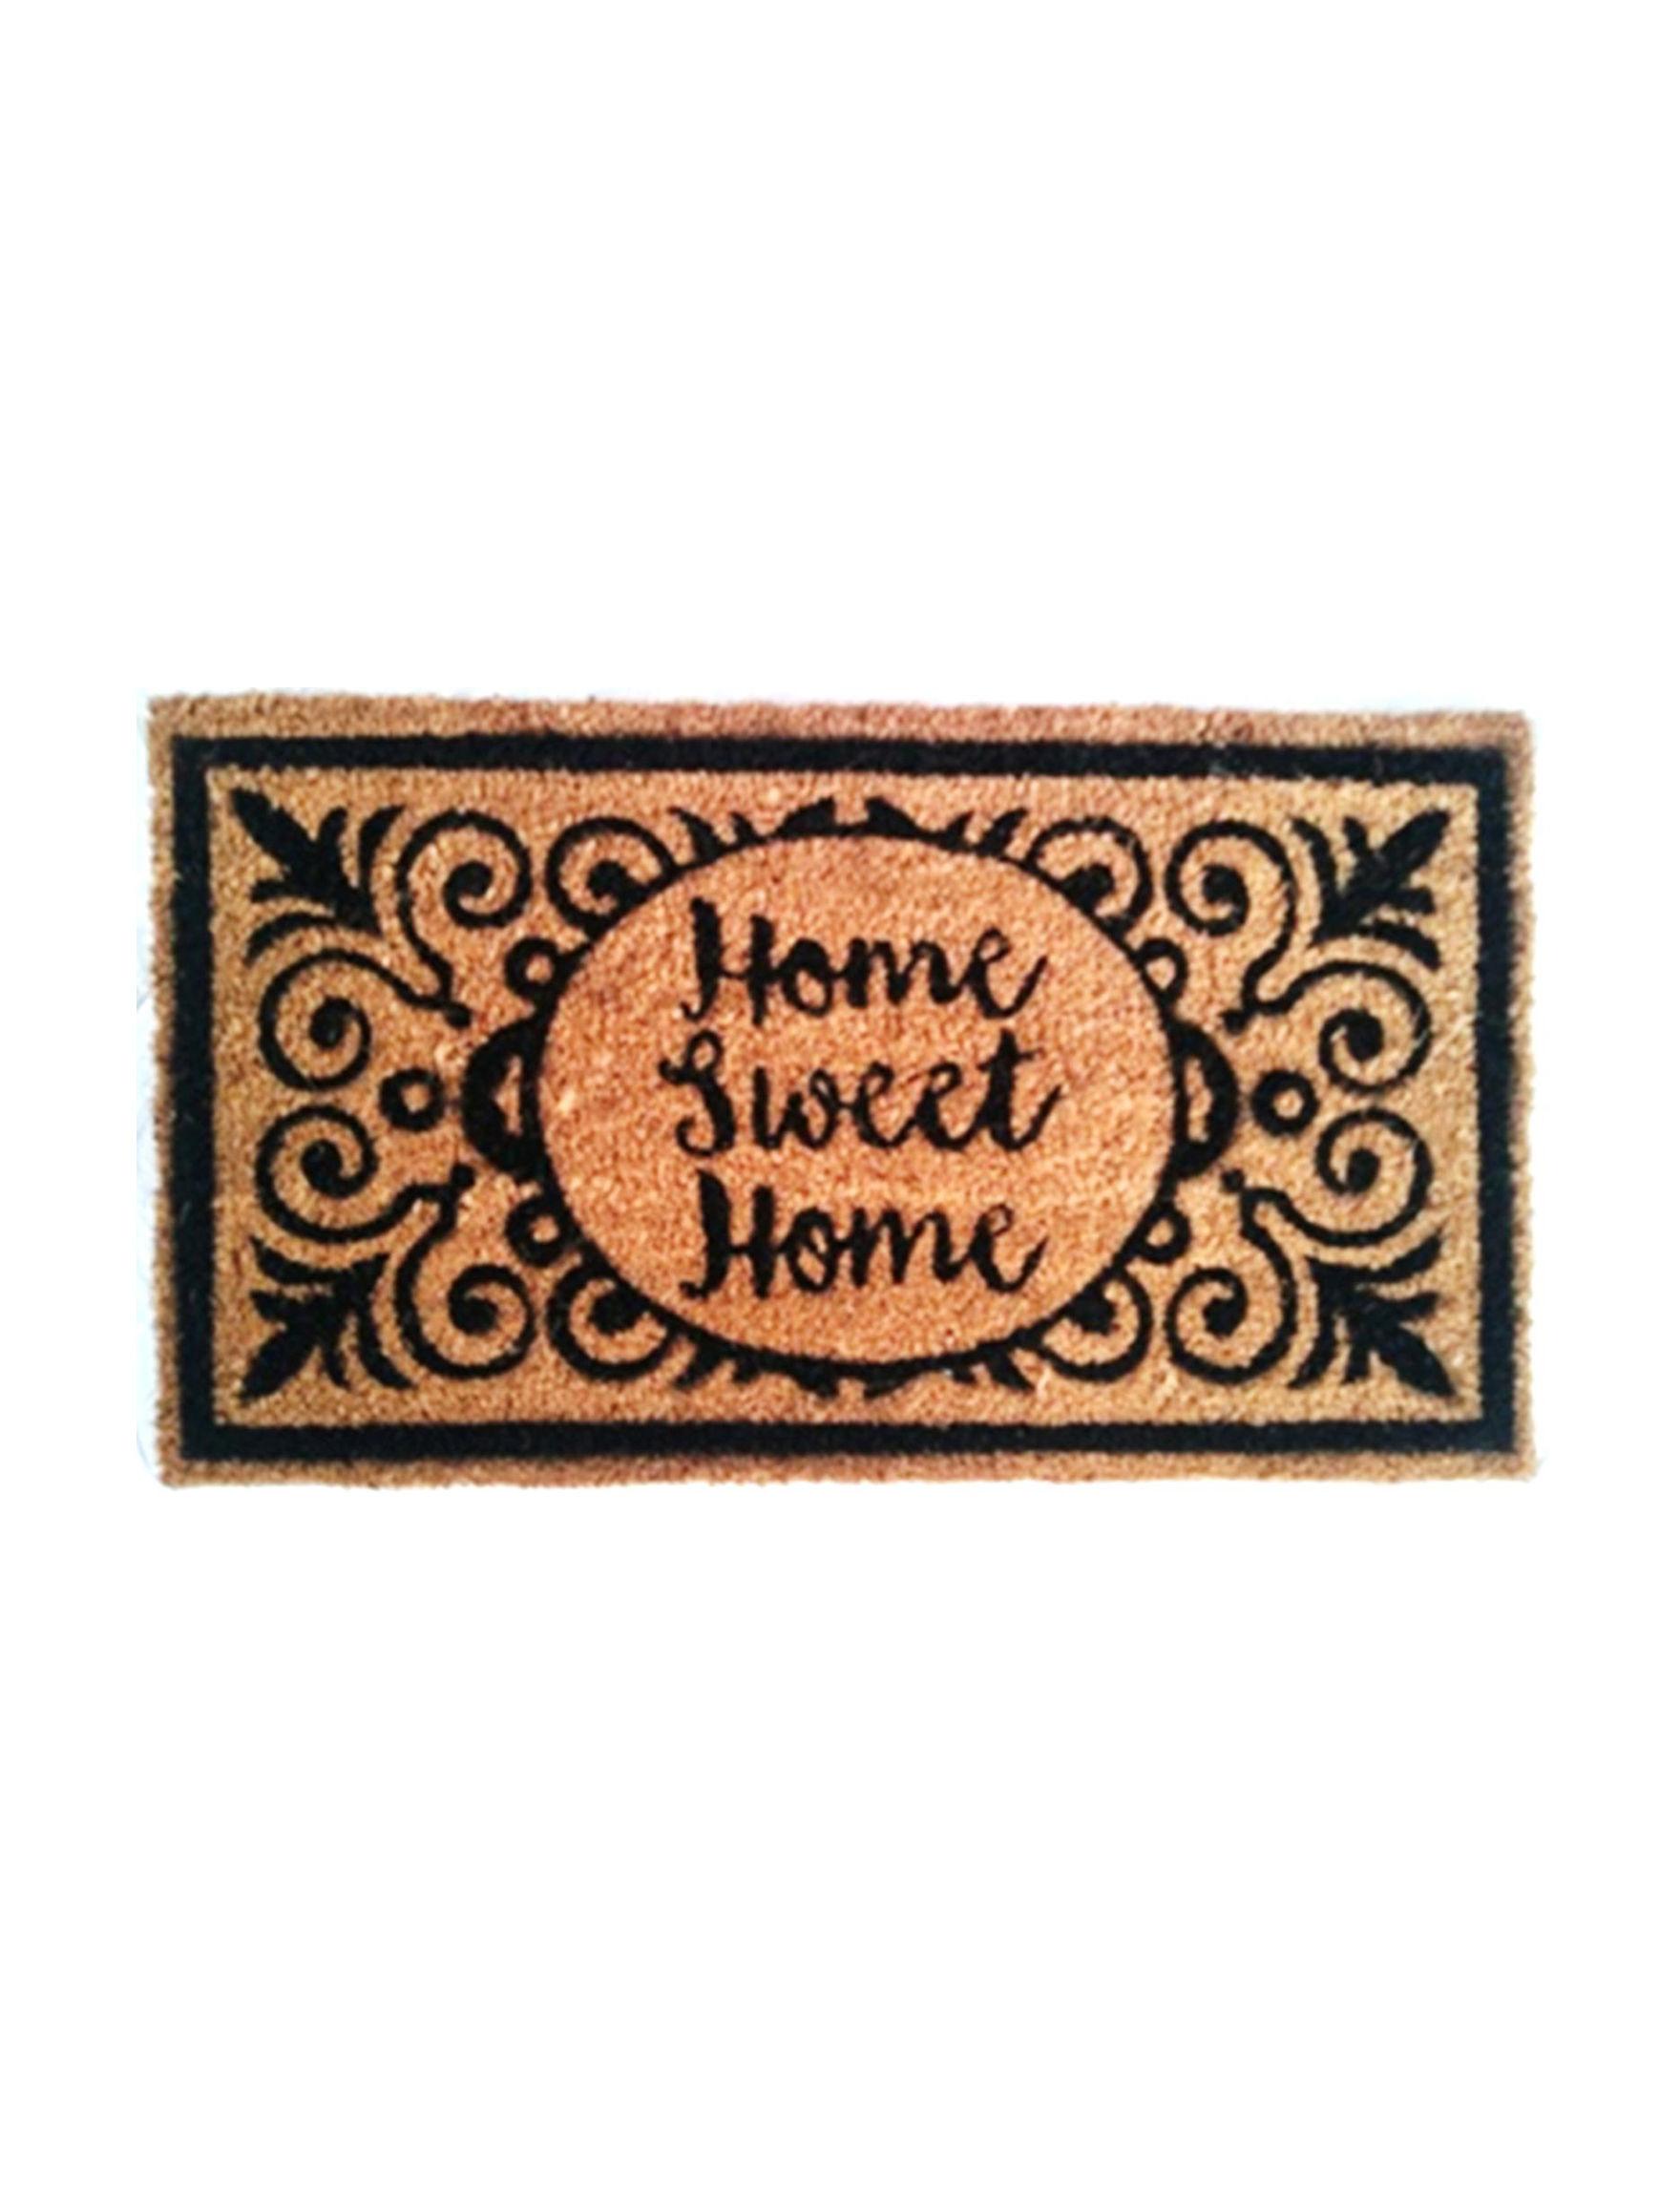 Direct Home Textiles Brown / Black Outdoor Rugs & Doormats Outdoor Decor Rugs